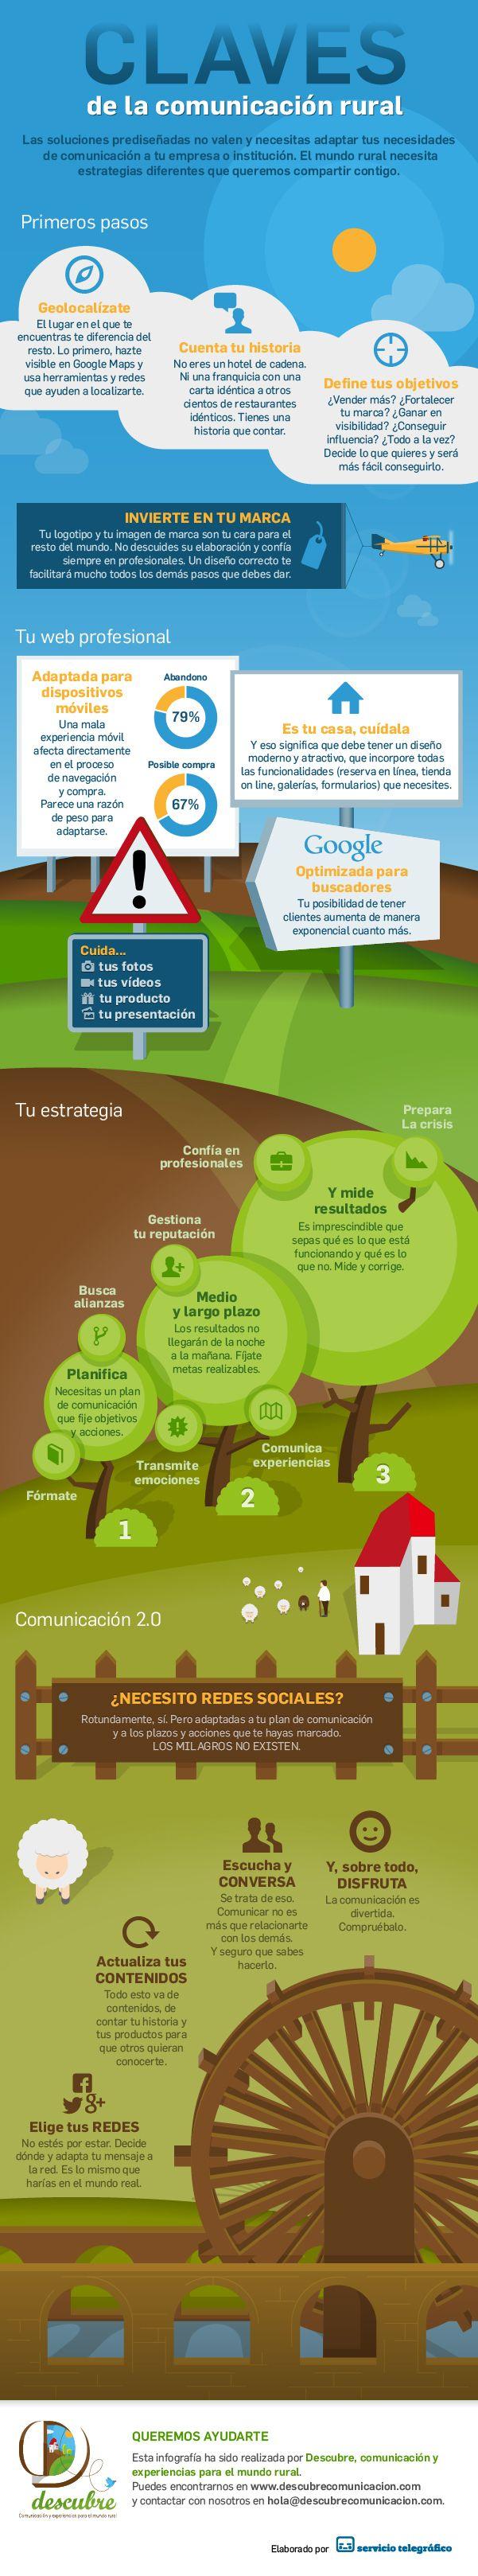 Claves de la comunicación rural #infografia #infographic #socialmedia